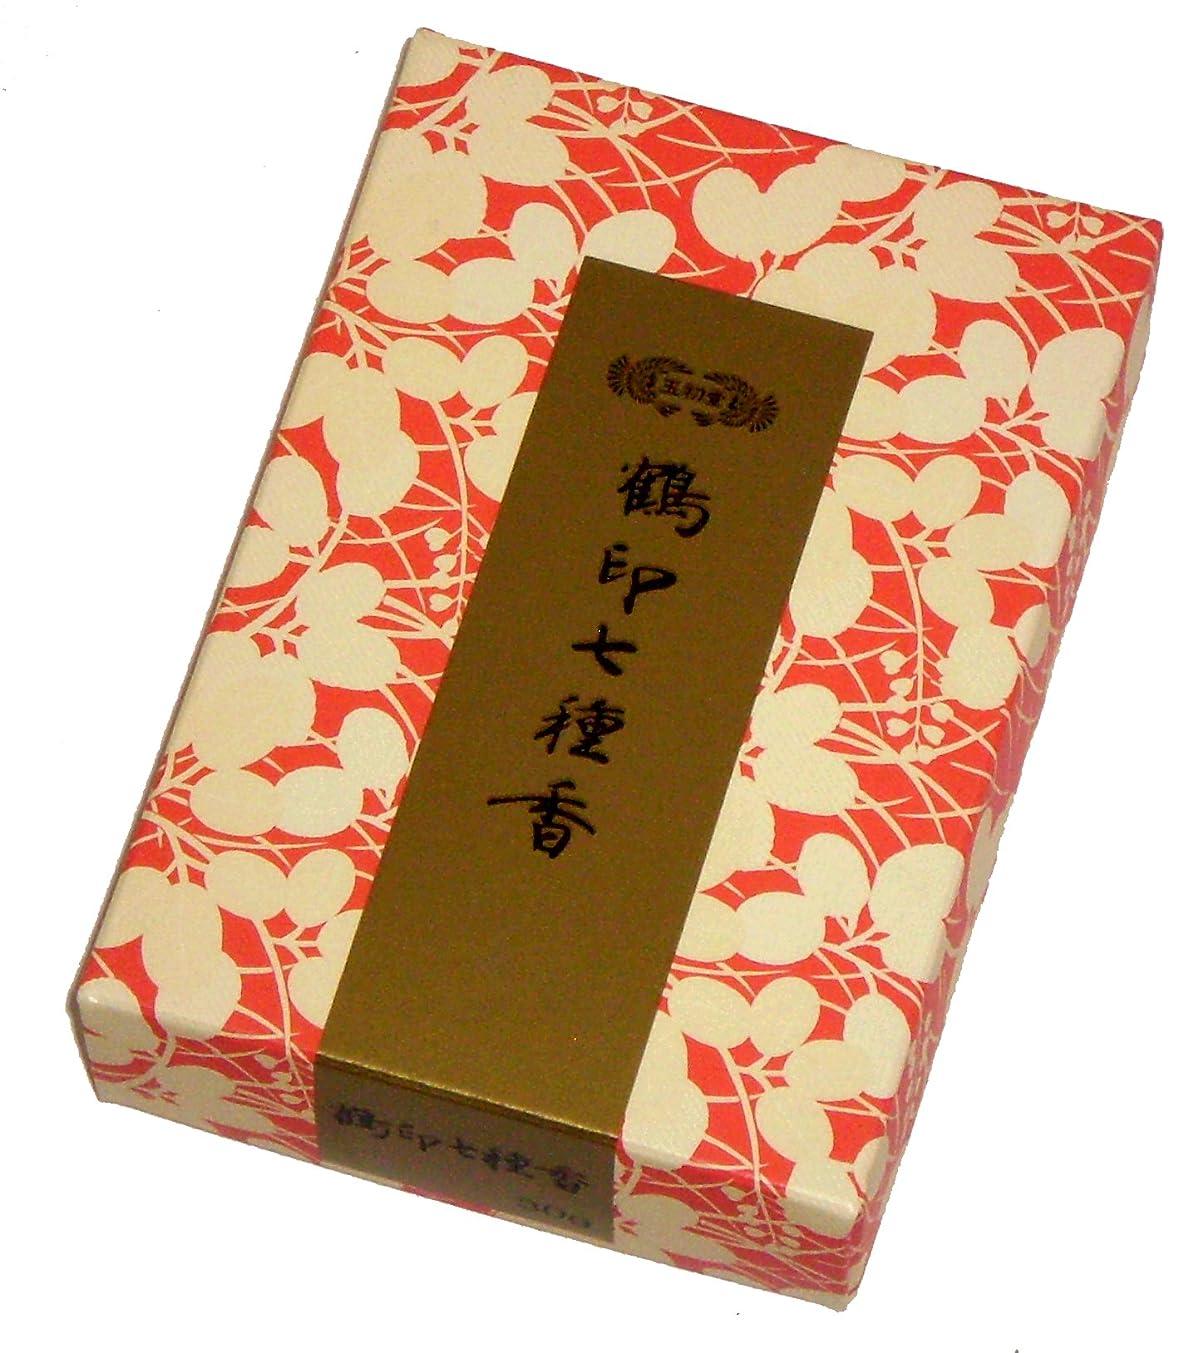 配列二年生個性玉初堂のお香 鶴印七種香 30g #675